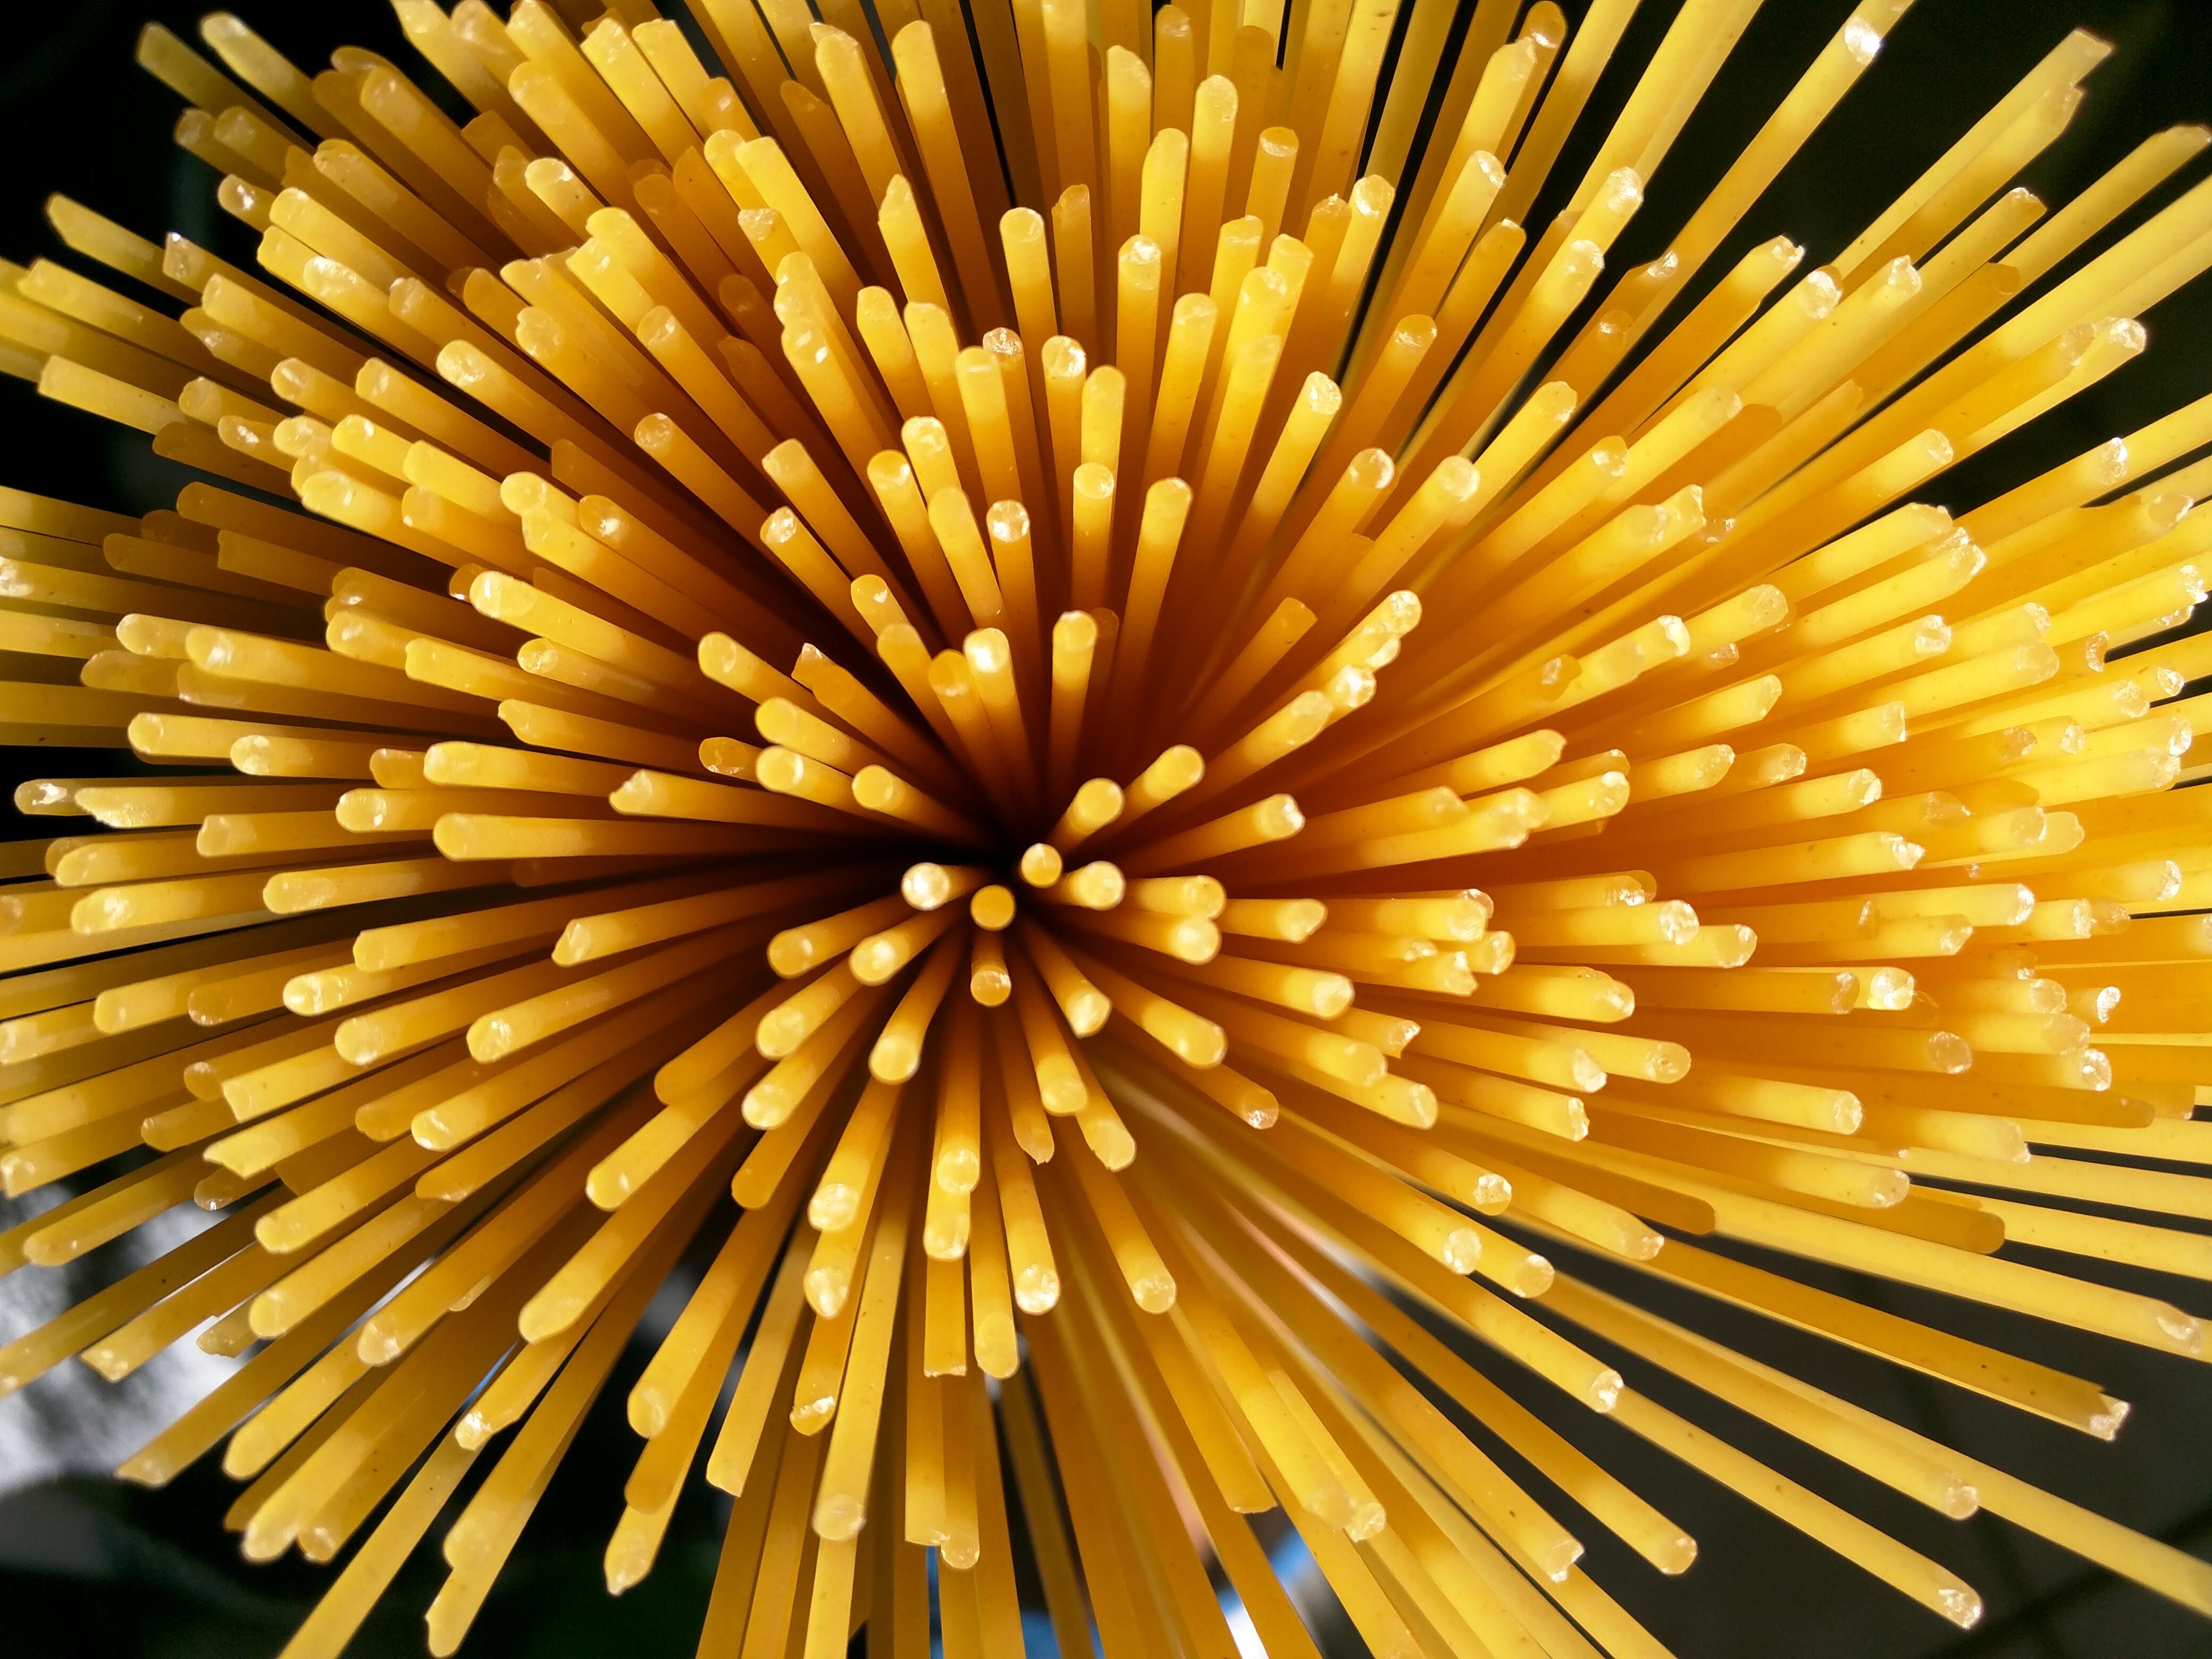 ποια ζυμαρικά με ποια σάλτσα: σπαγκέτι